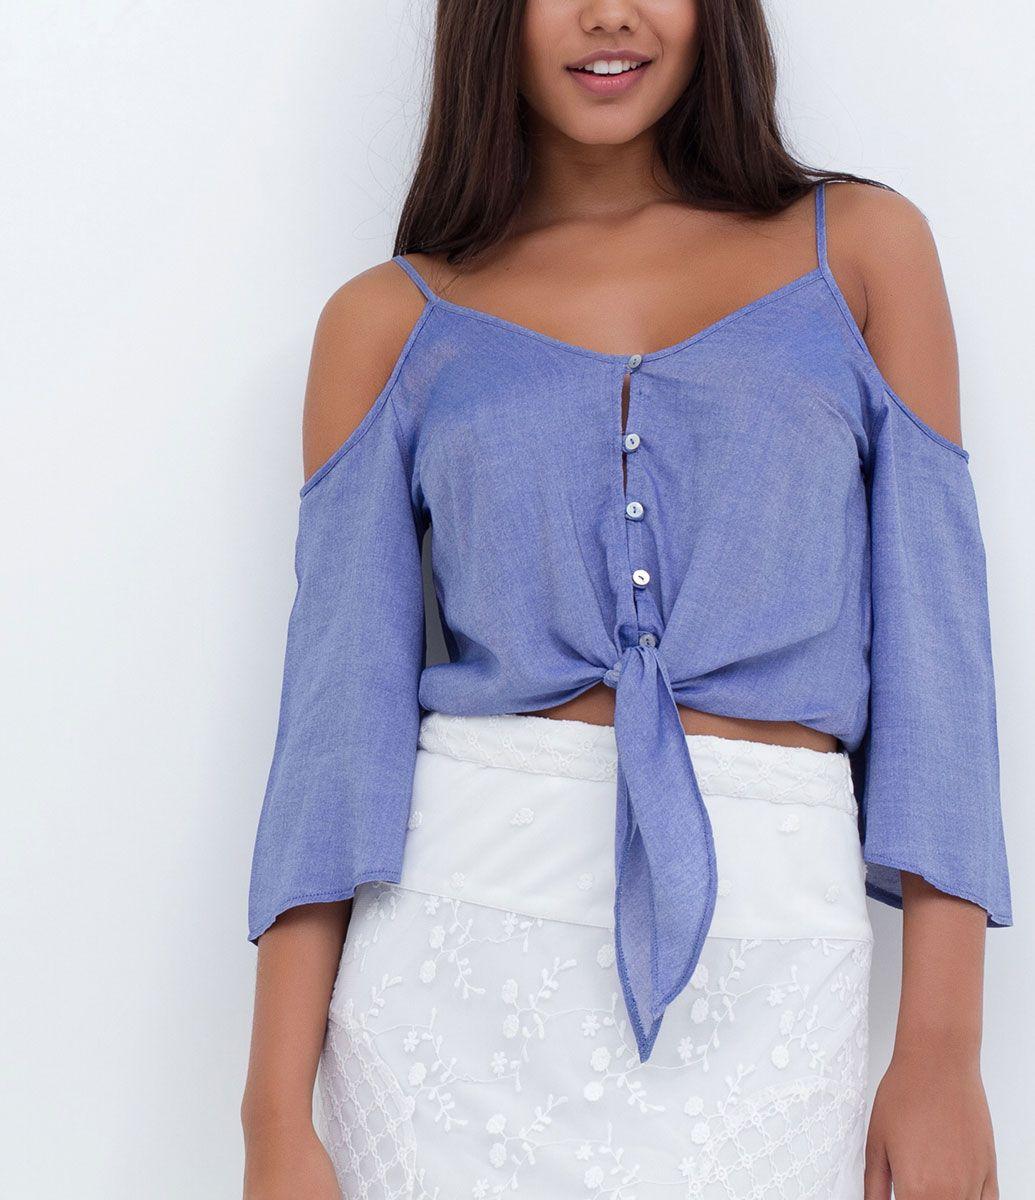 5e6feb622 Blusa feminina Modelo Cropped Ciganinha Amarração na frente Detalhe de  botões Manga curta Marca  Blue